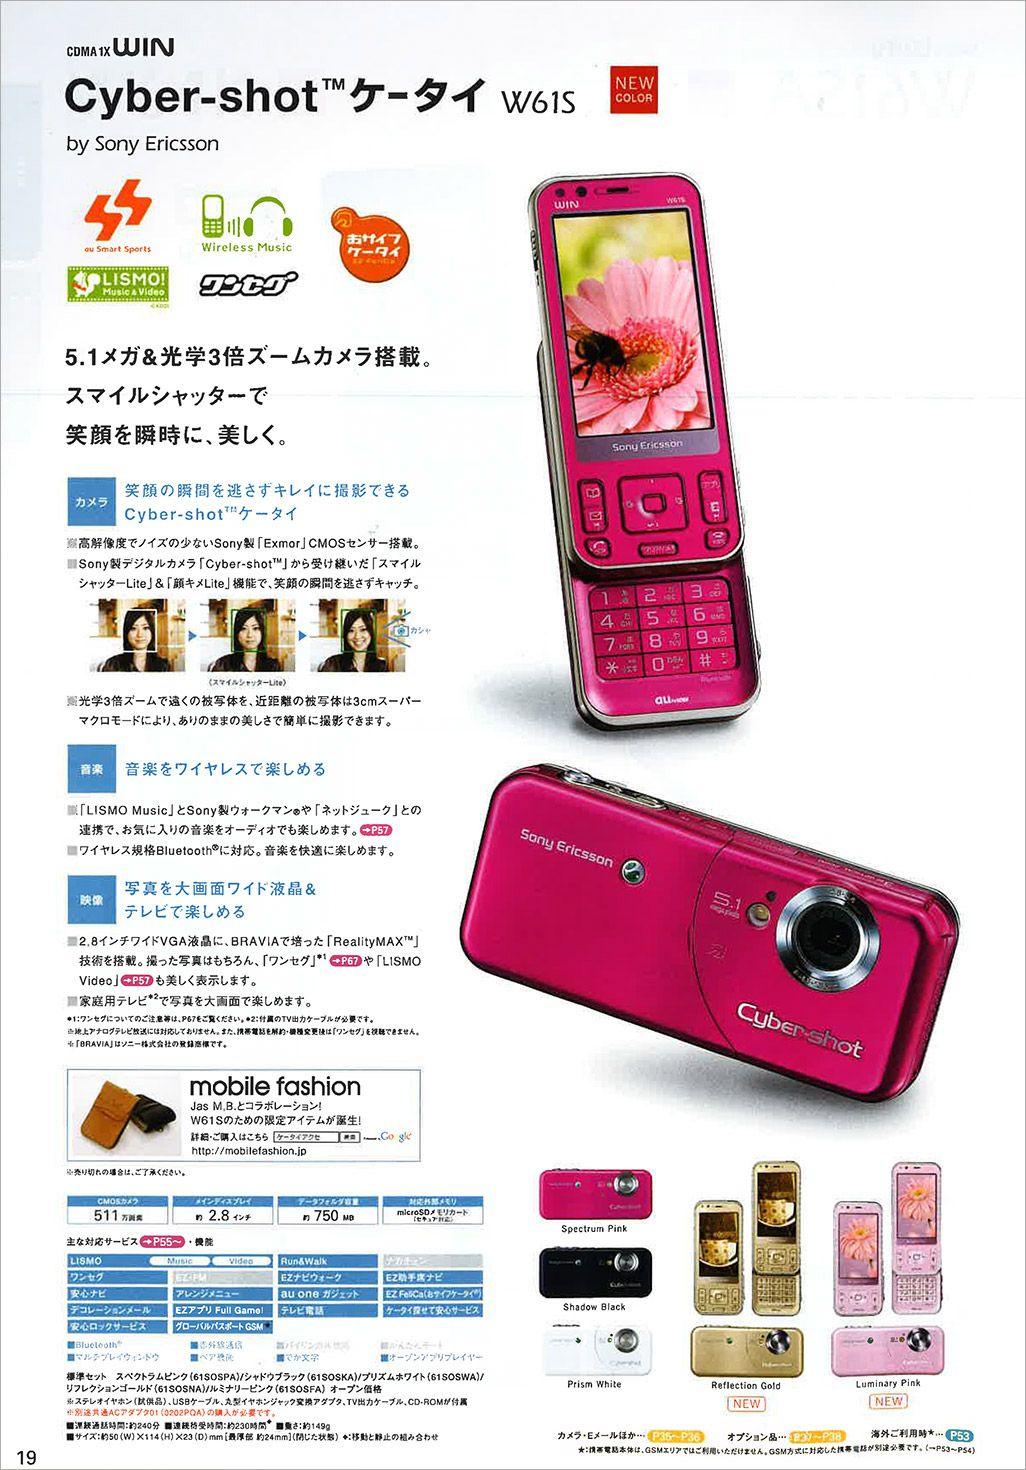 auのソニー製携帯電話Cyber-shot ケータイ W61S